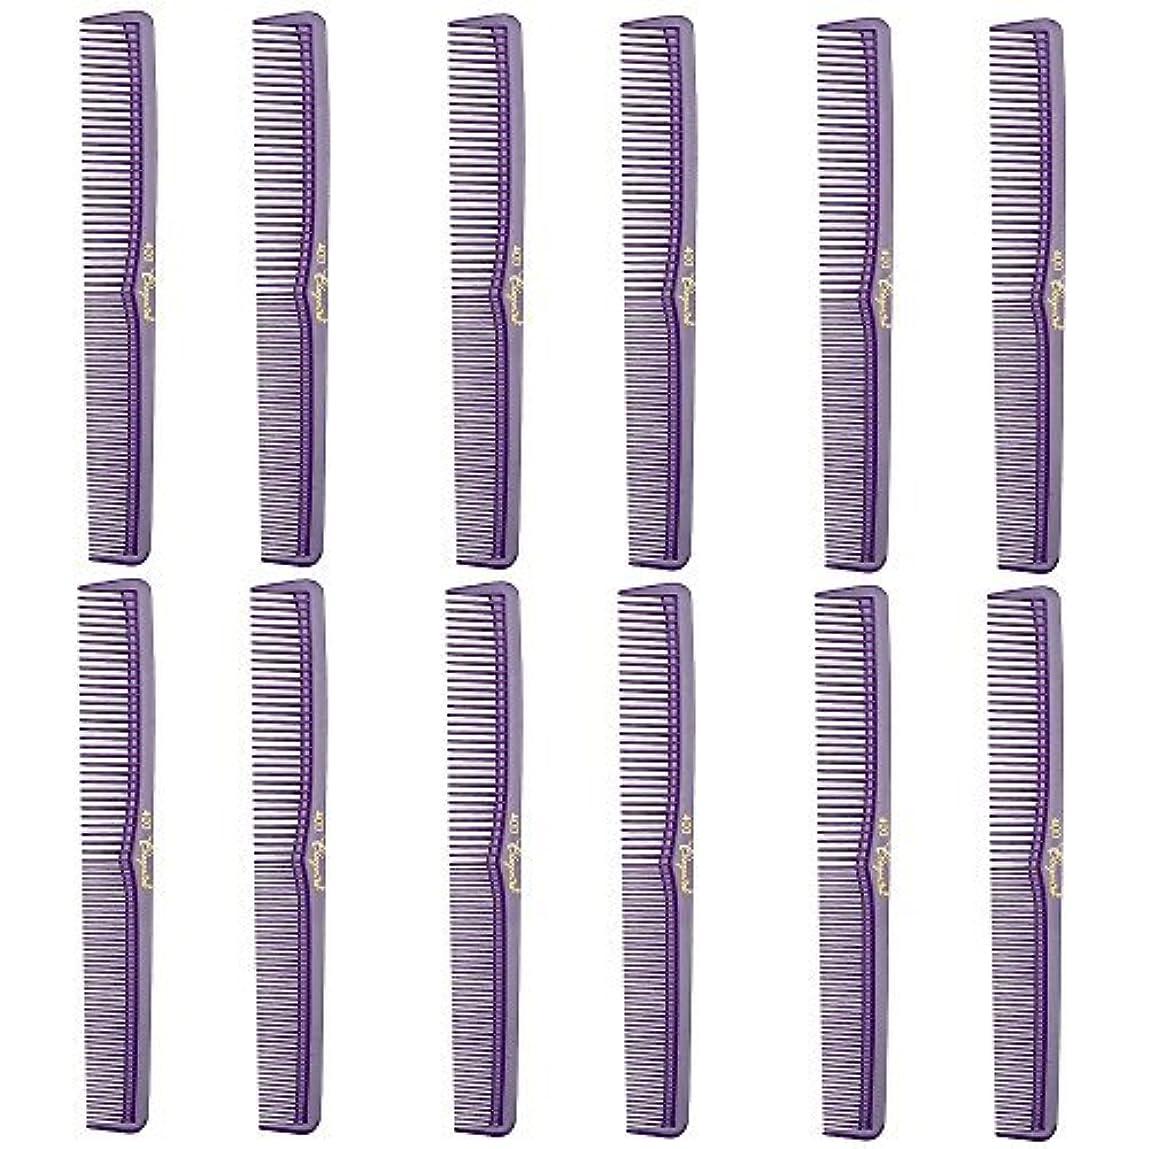 先史時代の退屈させるトリムBarber Beauty Hair Cleopatra 400 All Purpose Comb (12 Pack) 12 x SB-C400-PURPLE [並行輸入品]